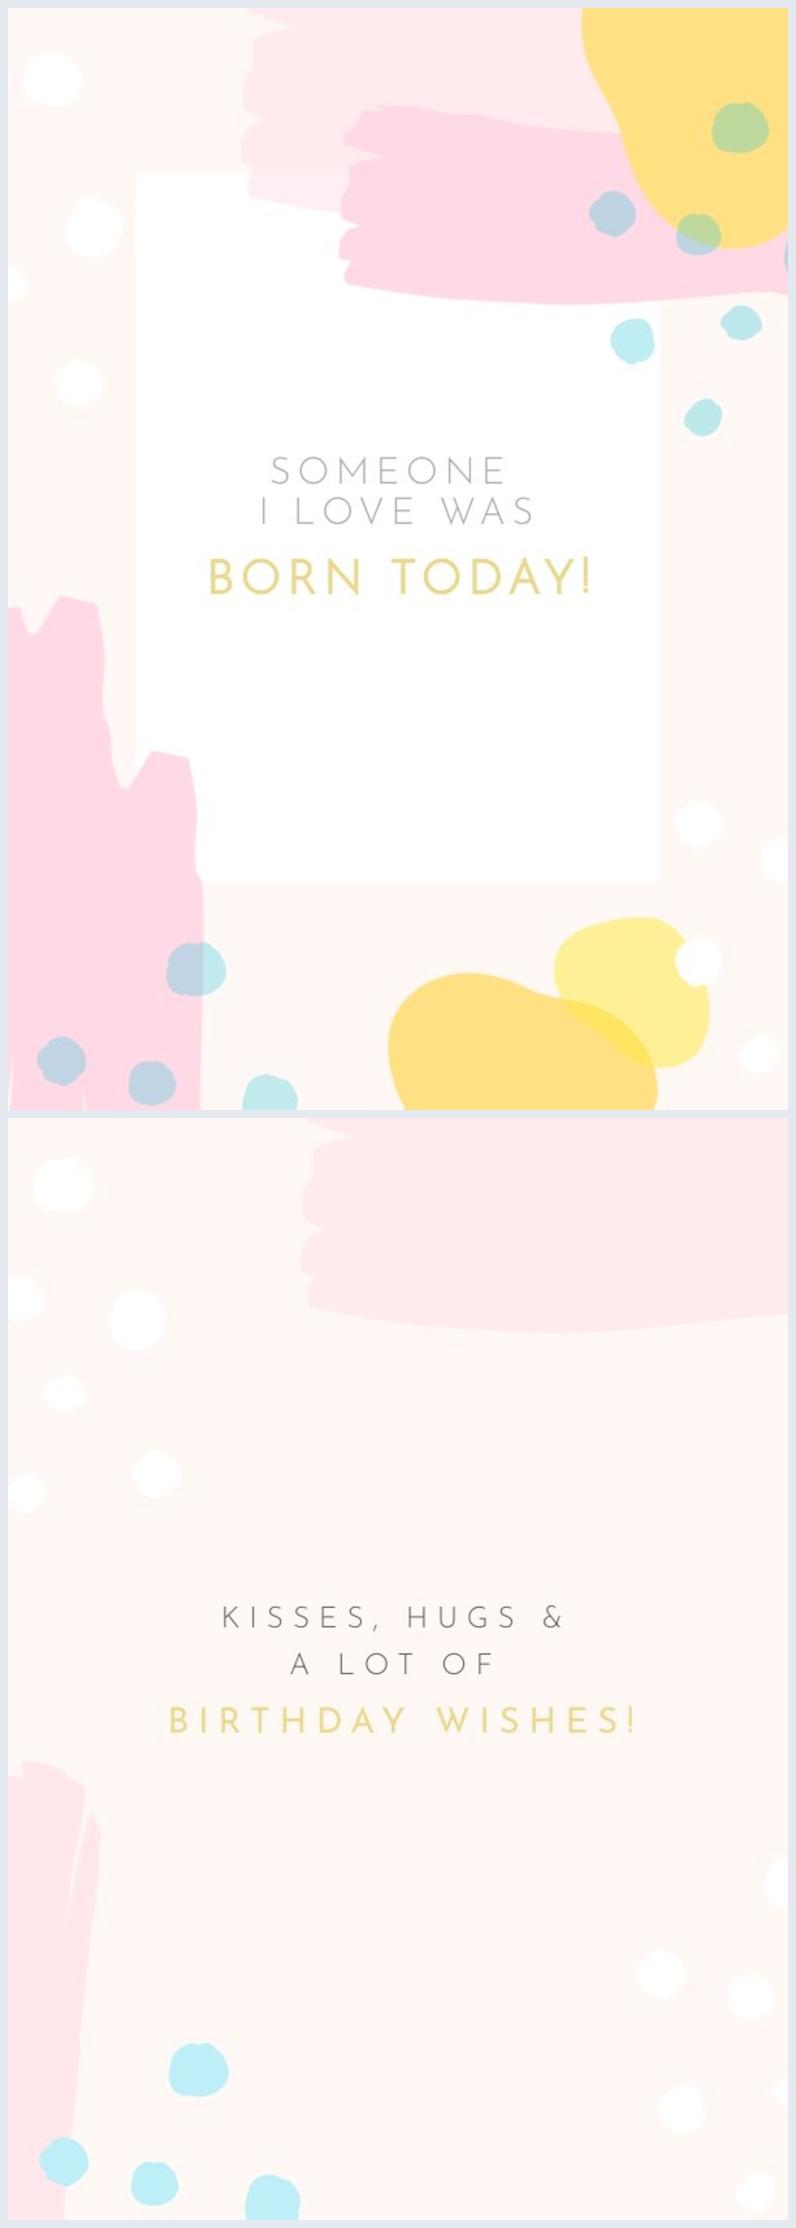 Beispiel einer Geburtstagskarte